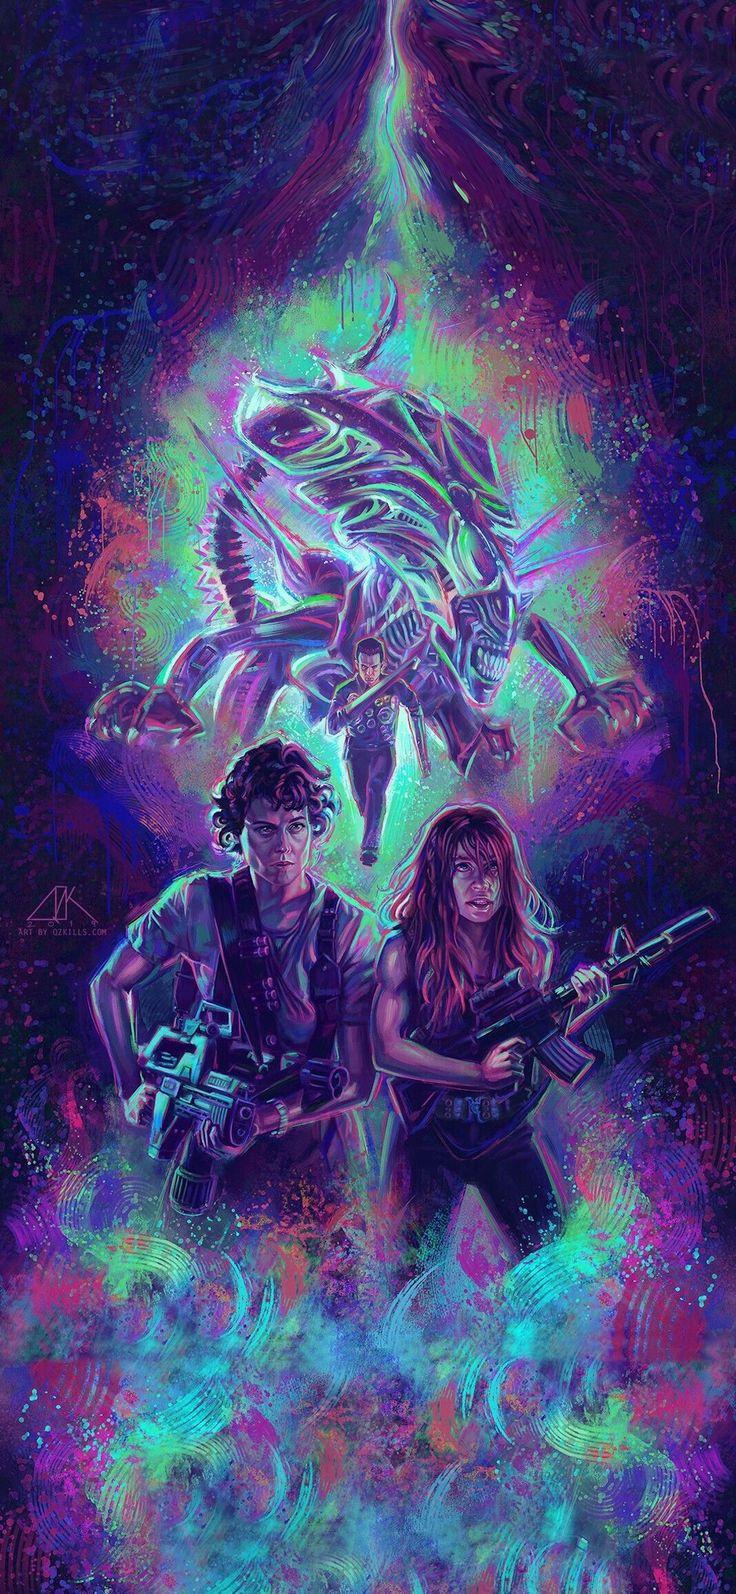 Ripley sarah connor wallpaper Android nerd geek badass